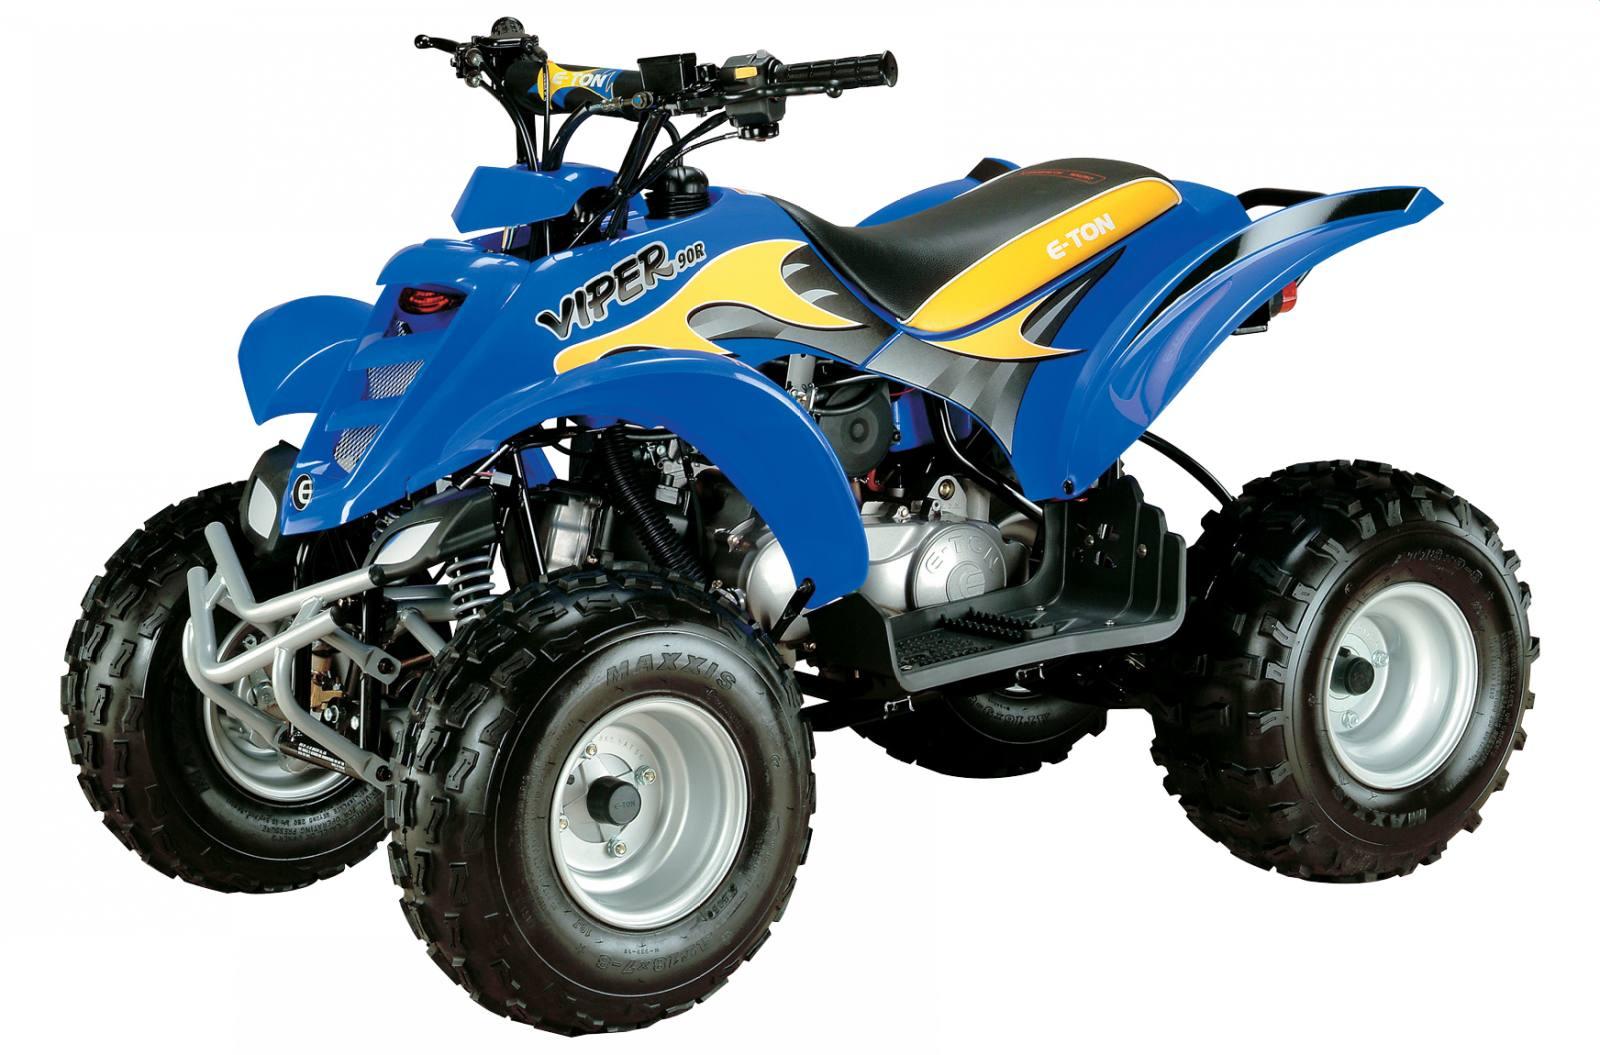 2011 E-TON Viper 90R